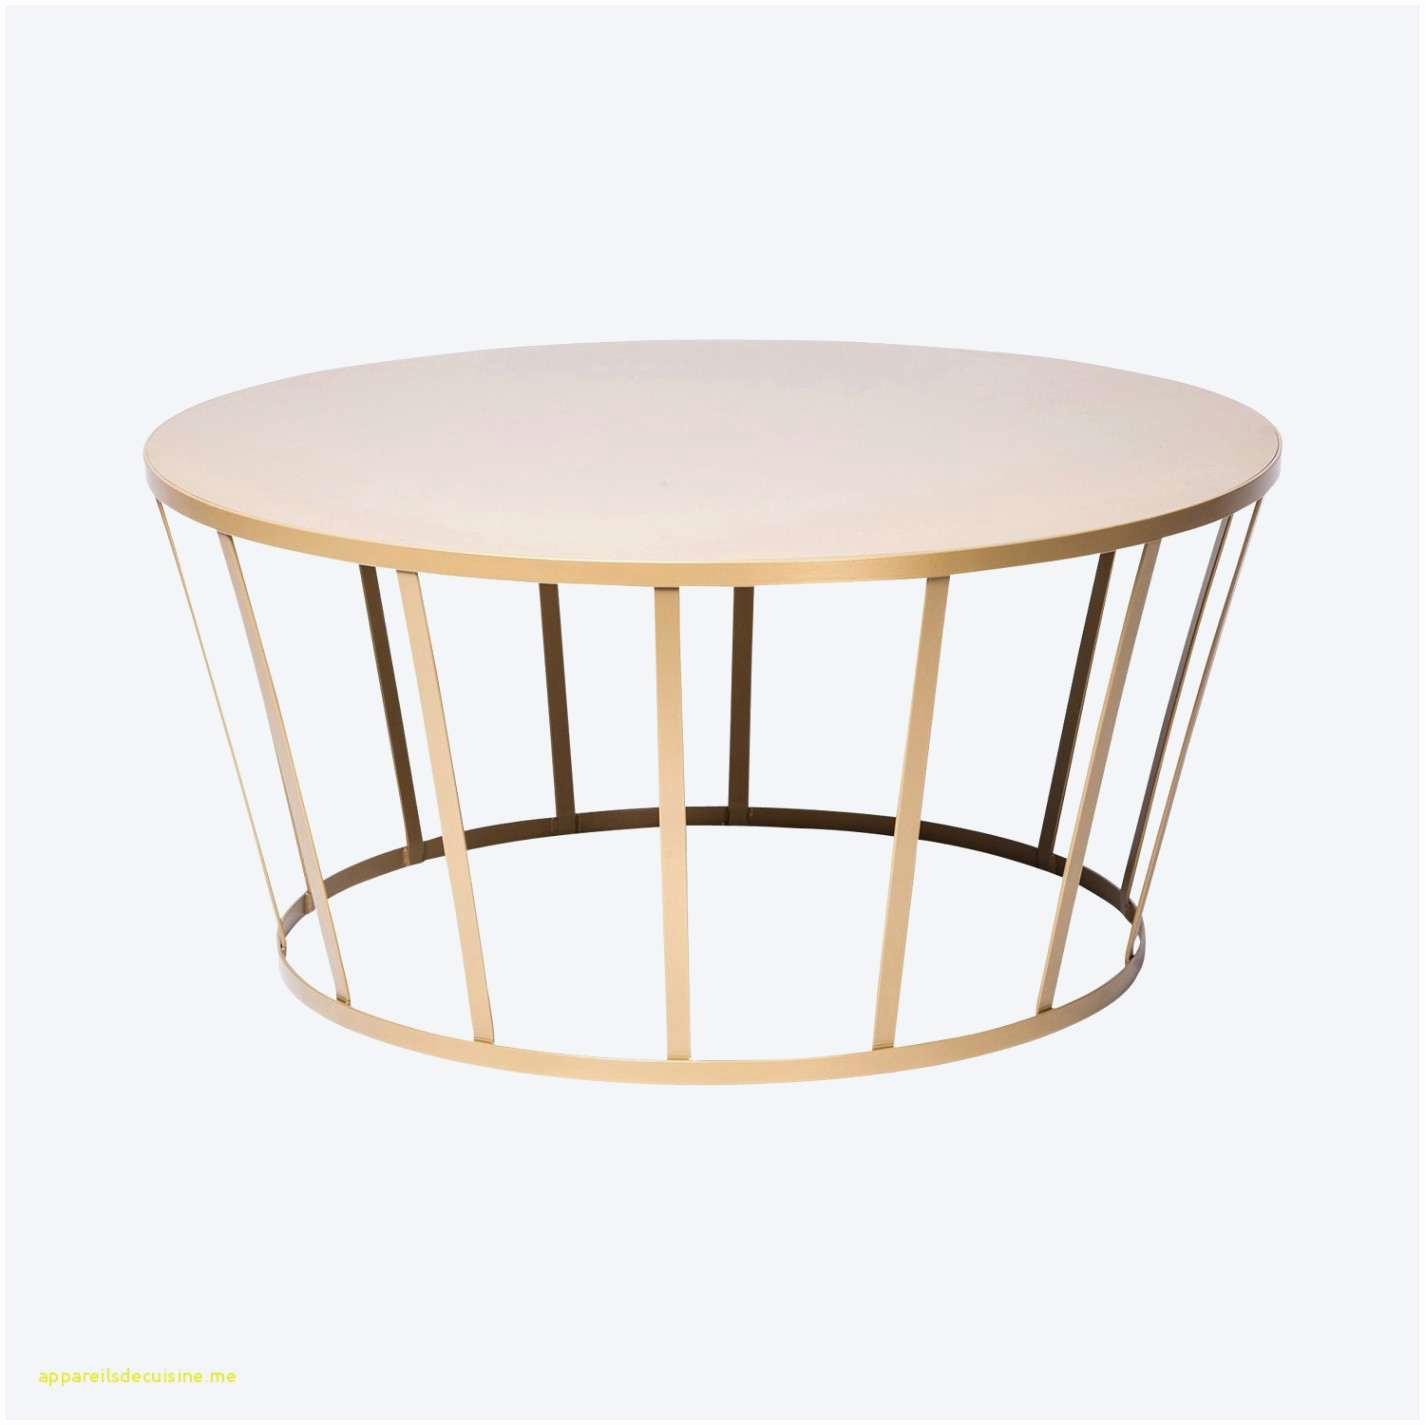 chaise de bureau carrefour source dinspiration luxe chaise basse de jardin chaise pliante carrefour canape of chaise de bureau carrefour